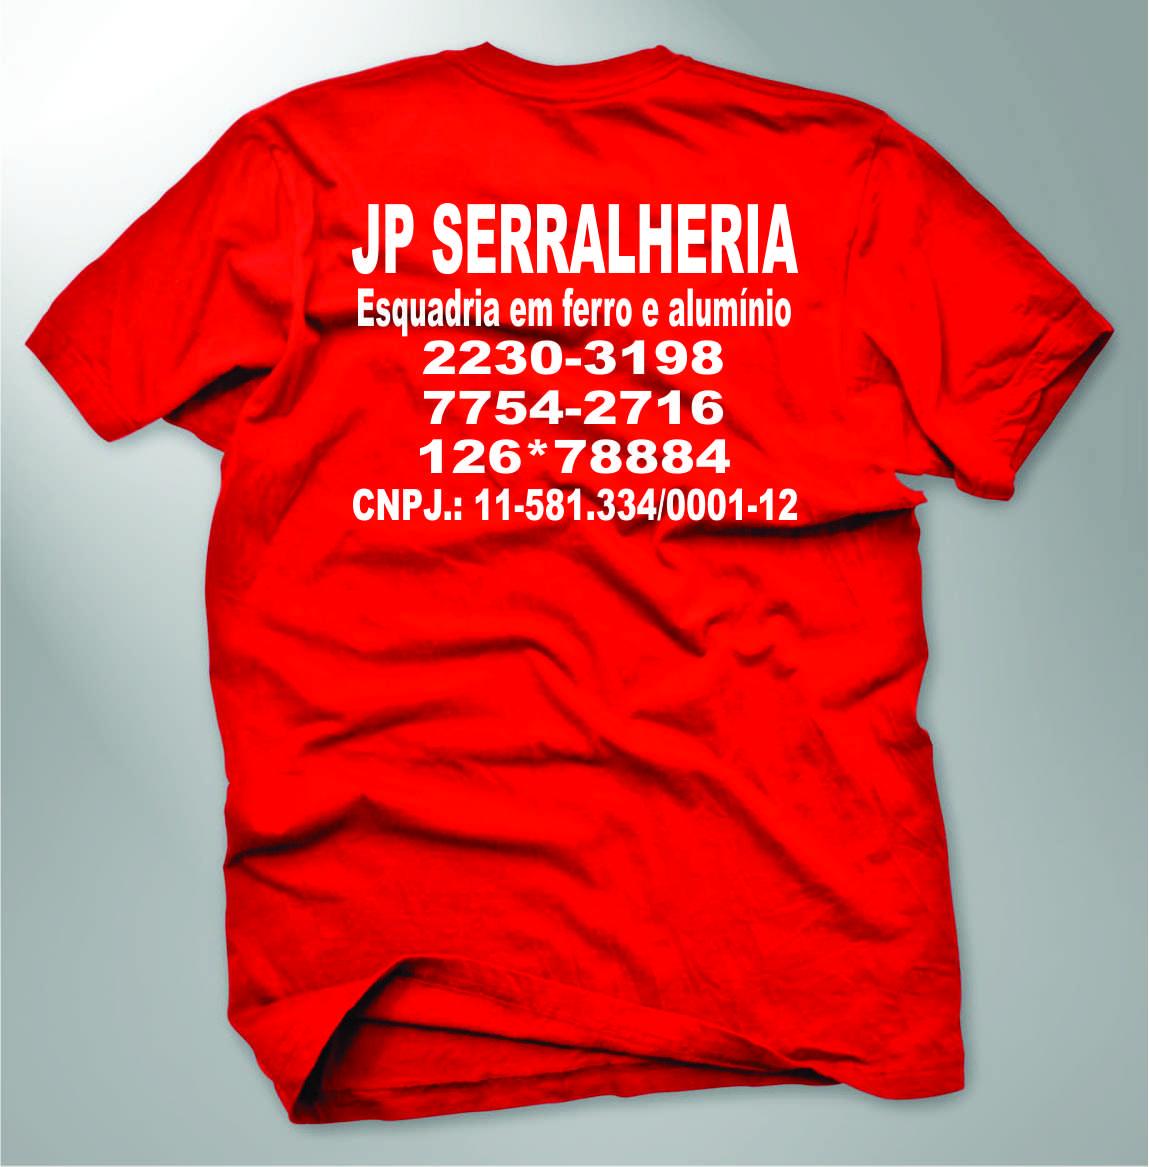 70060c1f82 camisa de algodão da cor vermelha com a logo estampada em branca